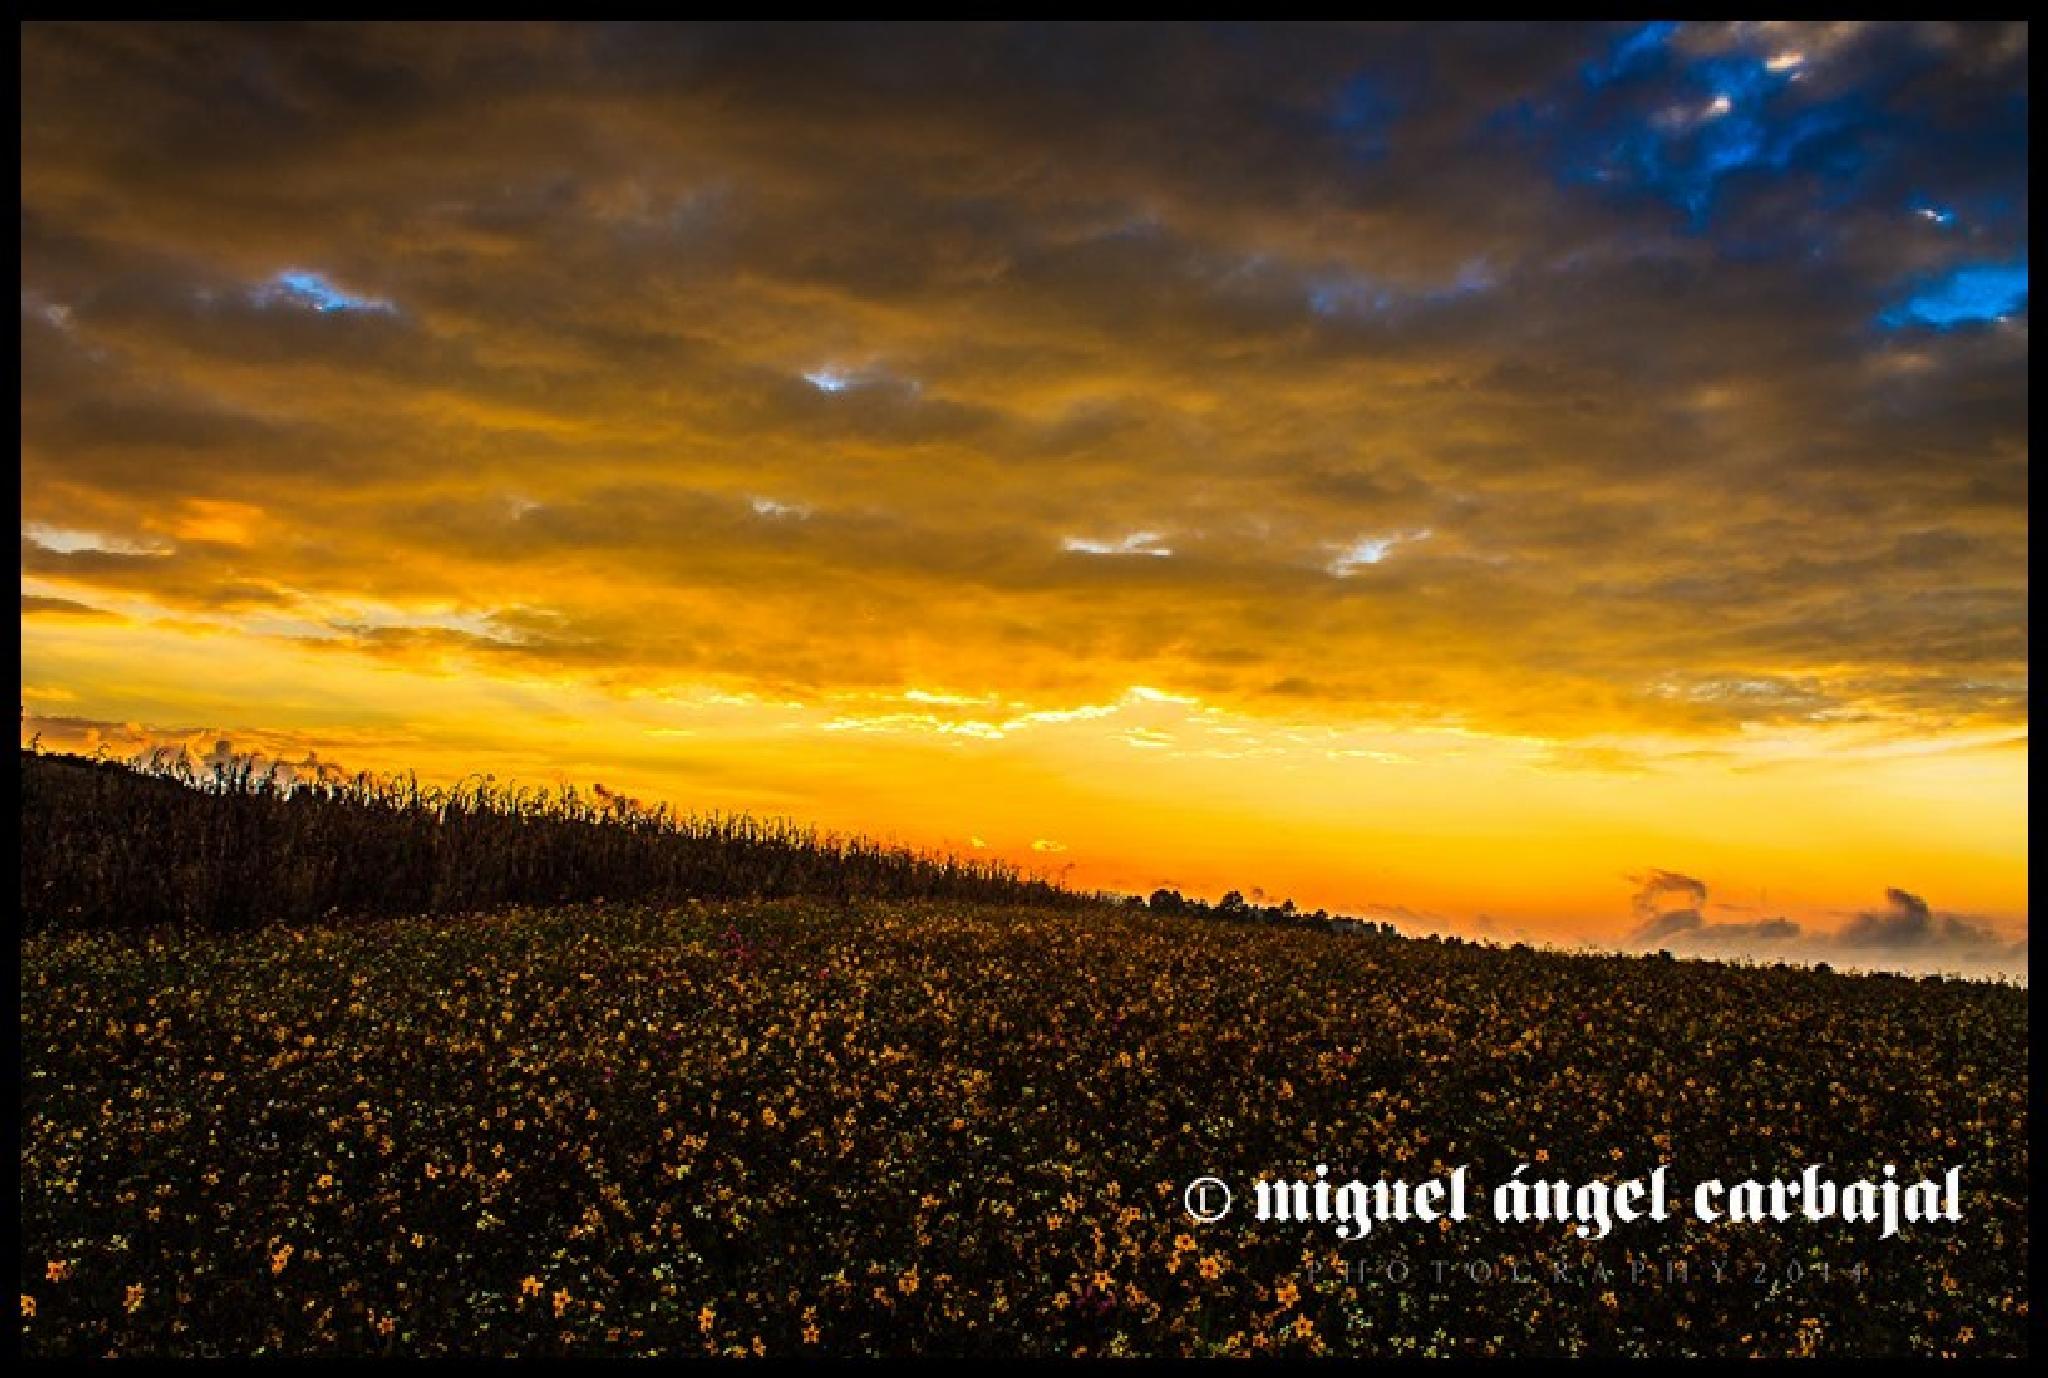 paisaje de octubre by Miguel Angel Carbajal